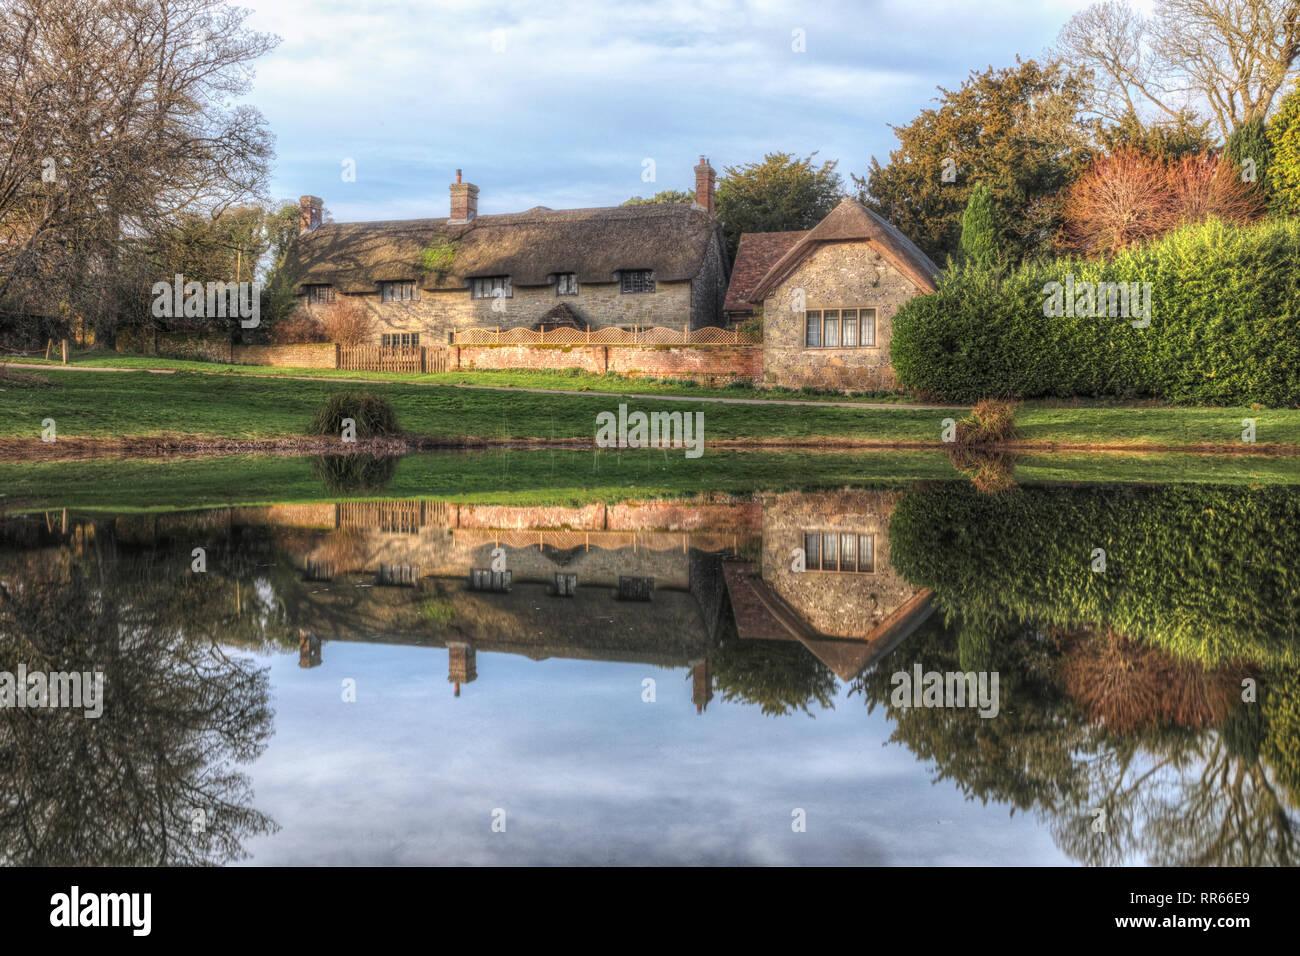 Ashmore, Dorset, England, UK Stock Photo